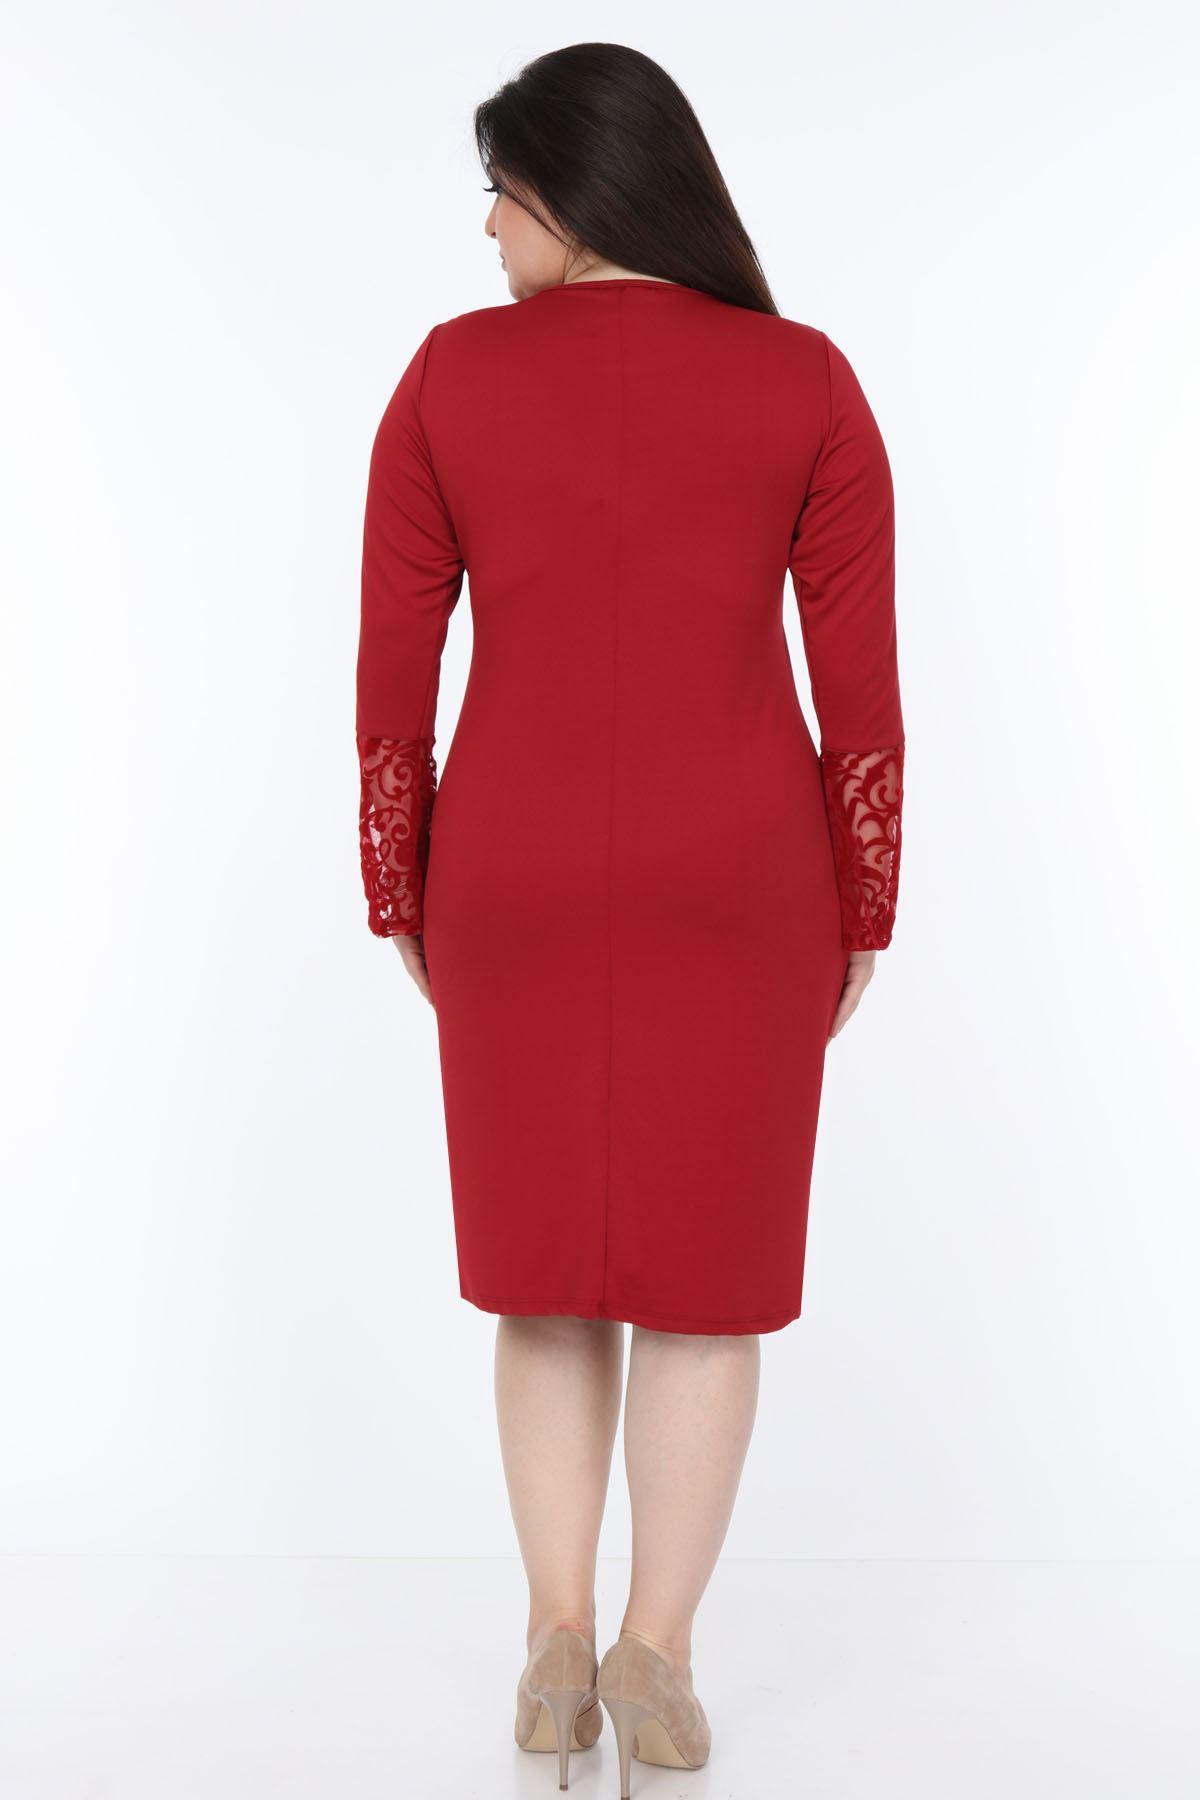 Bordo İspanyol Kol Elbise 2E-1070